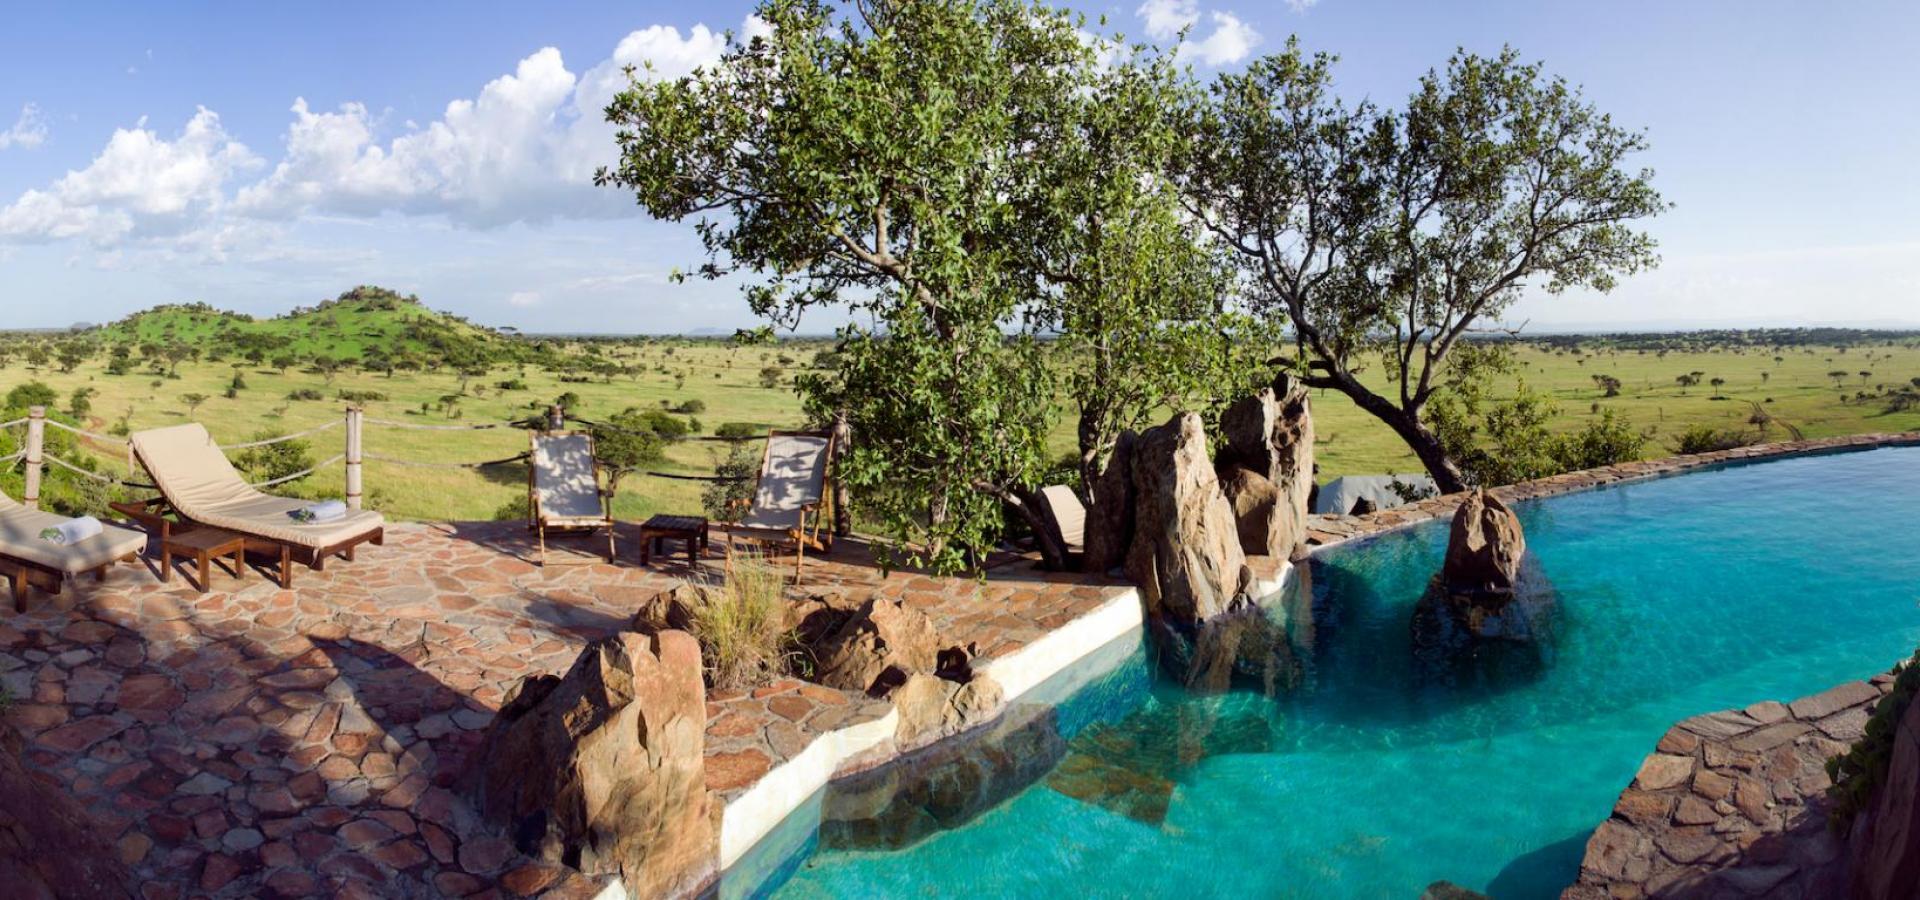 Tanganyika Busch Safari  -Spannende Safariaktivitäten und Baden auf Zanzibar